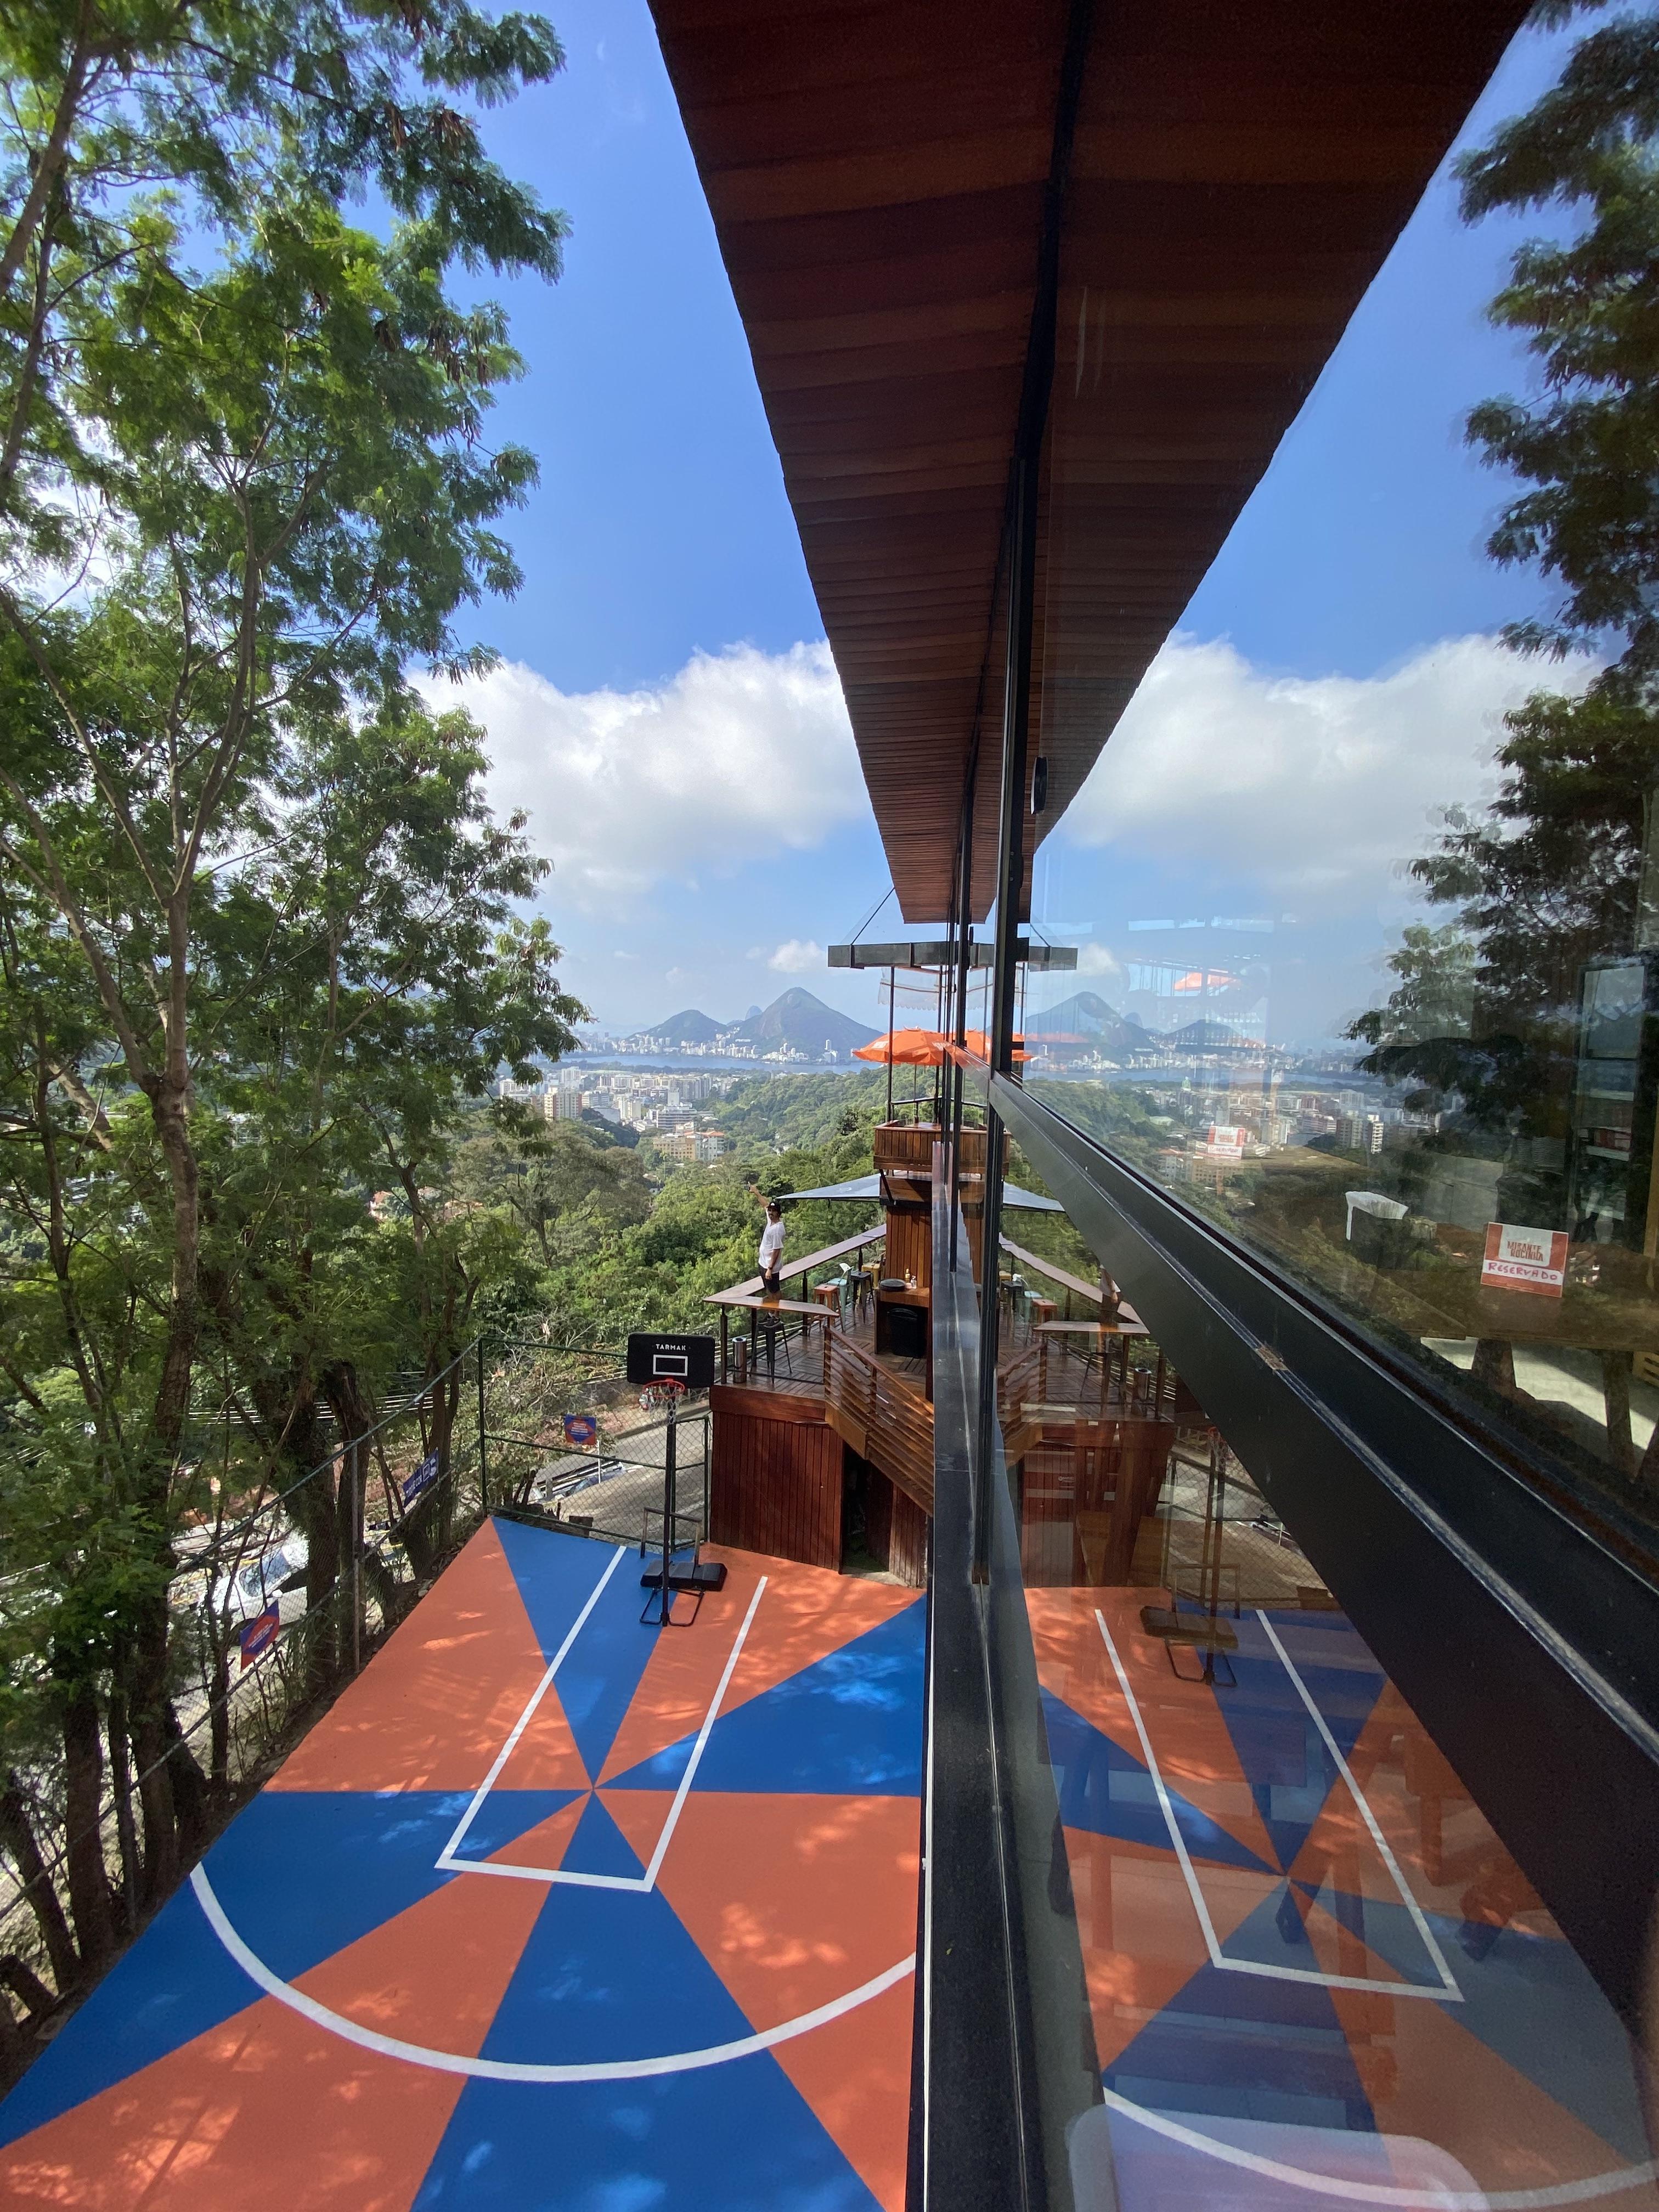 Foto mostra a vista da quadra localizada no mirante da Rocinha